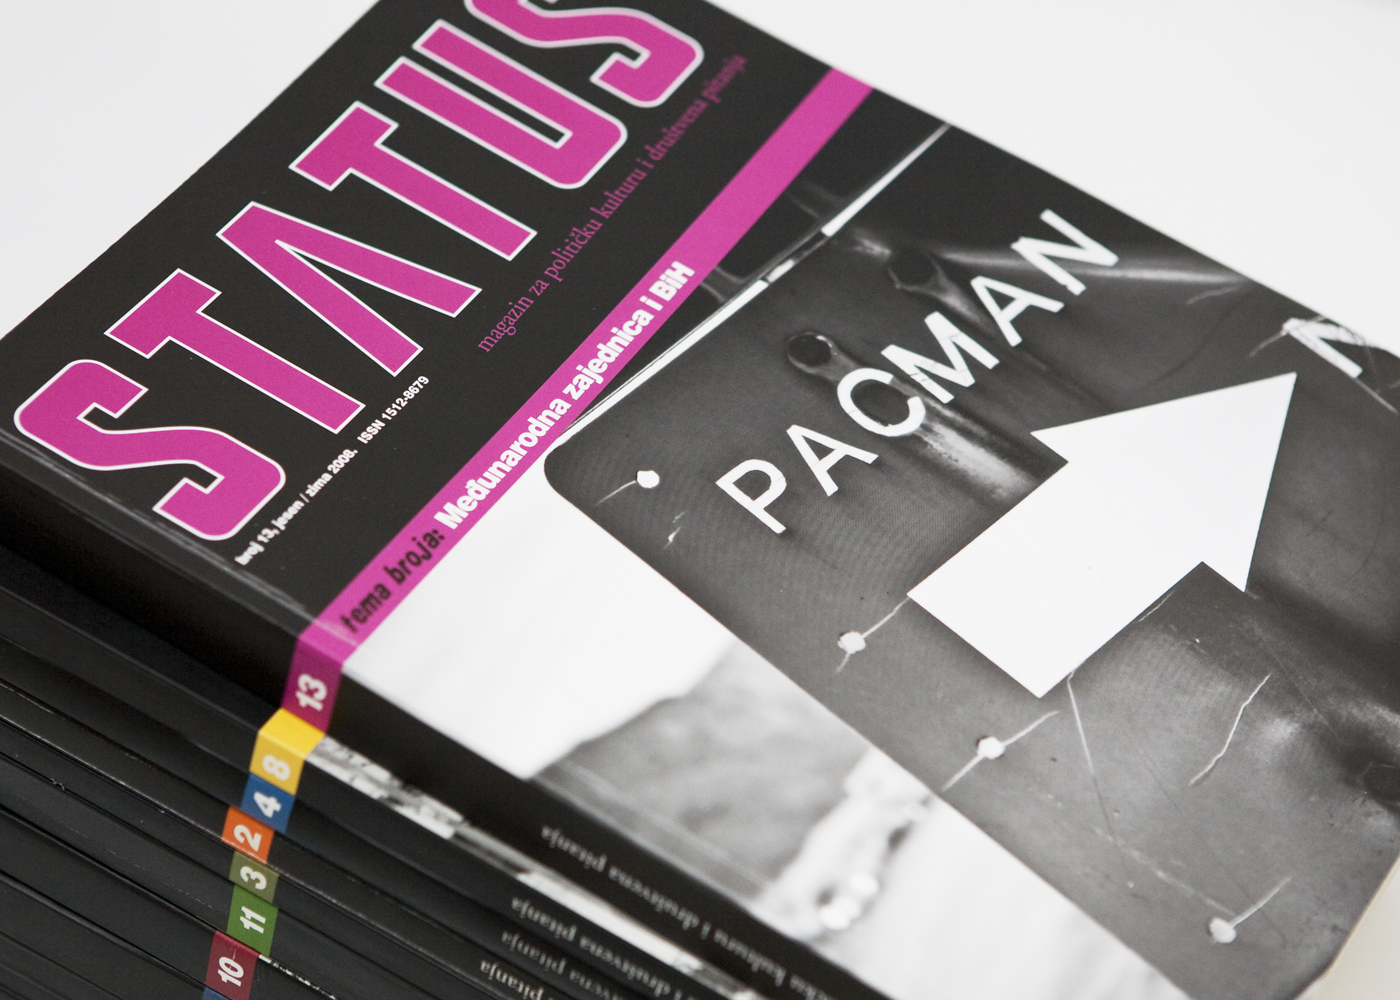 Grafička oprema magazina Status